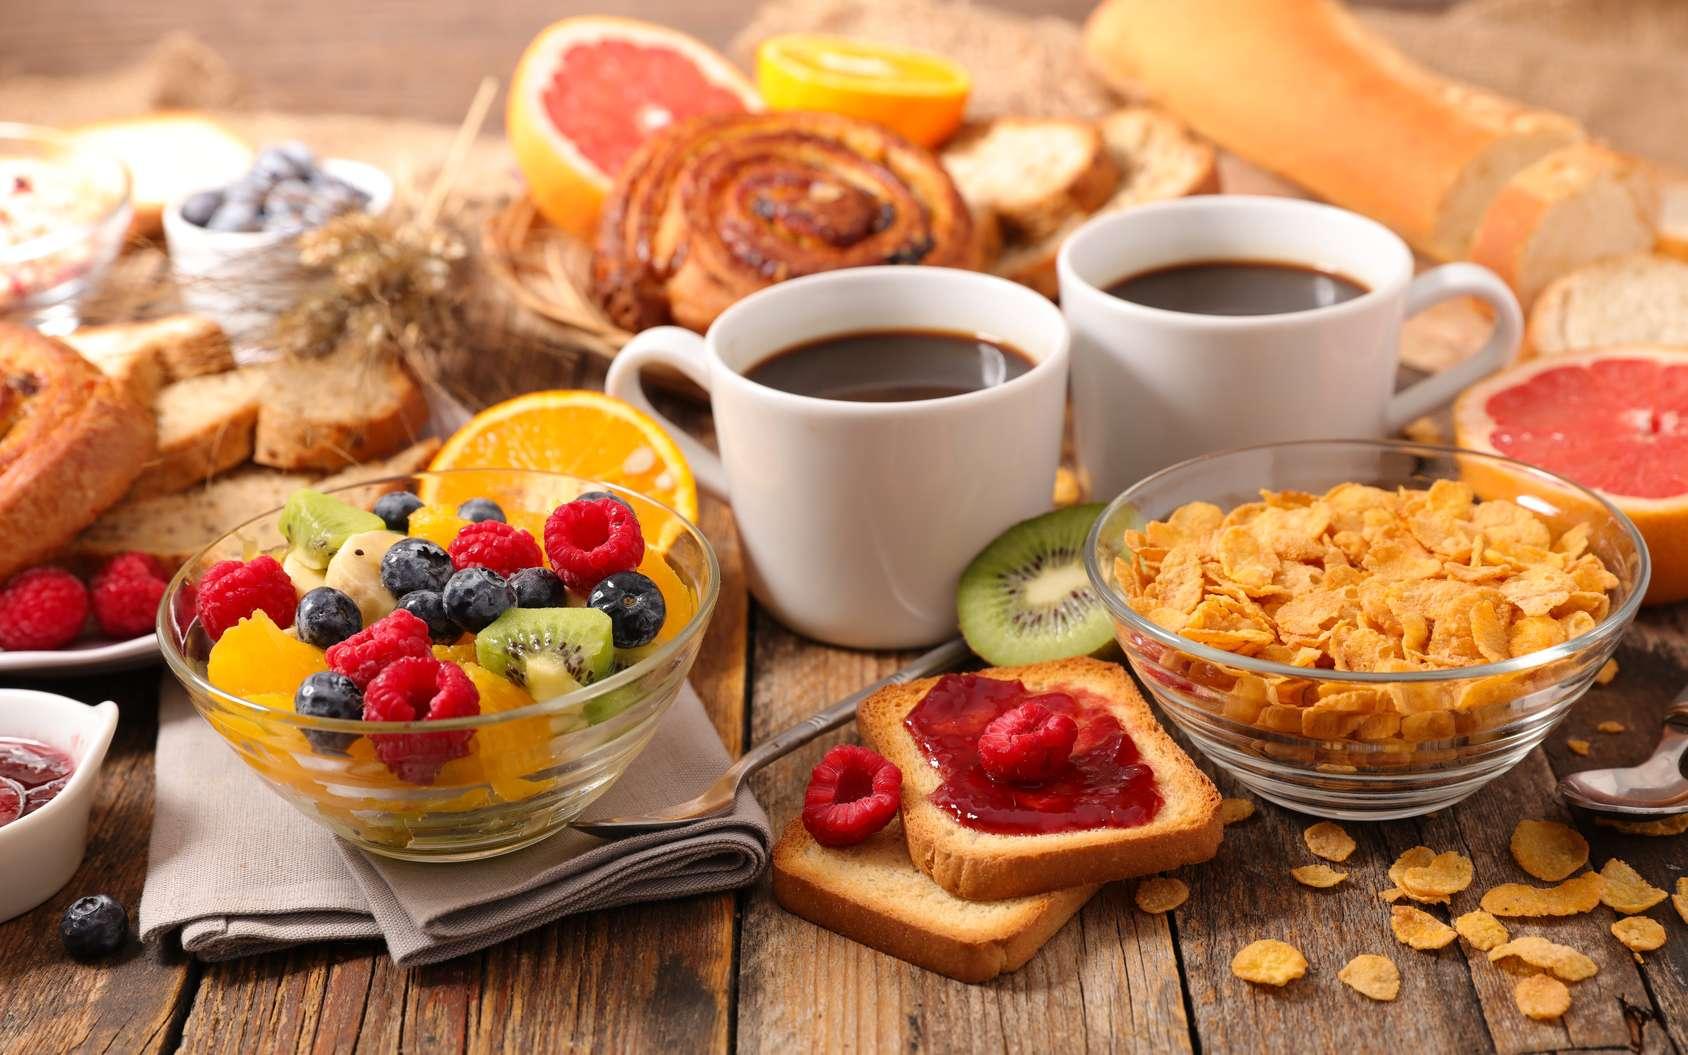 Ce petit déjeuner idéal selon votre signe du zodiaque